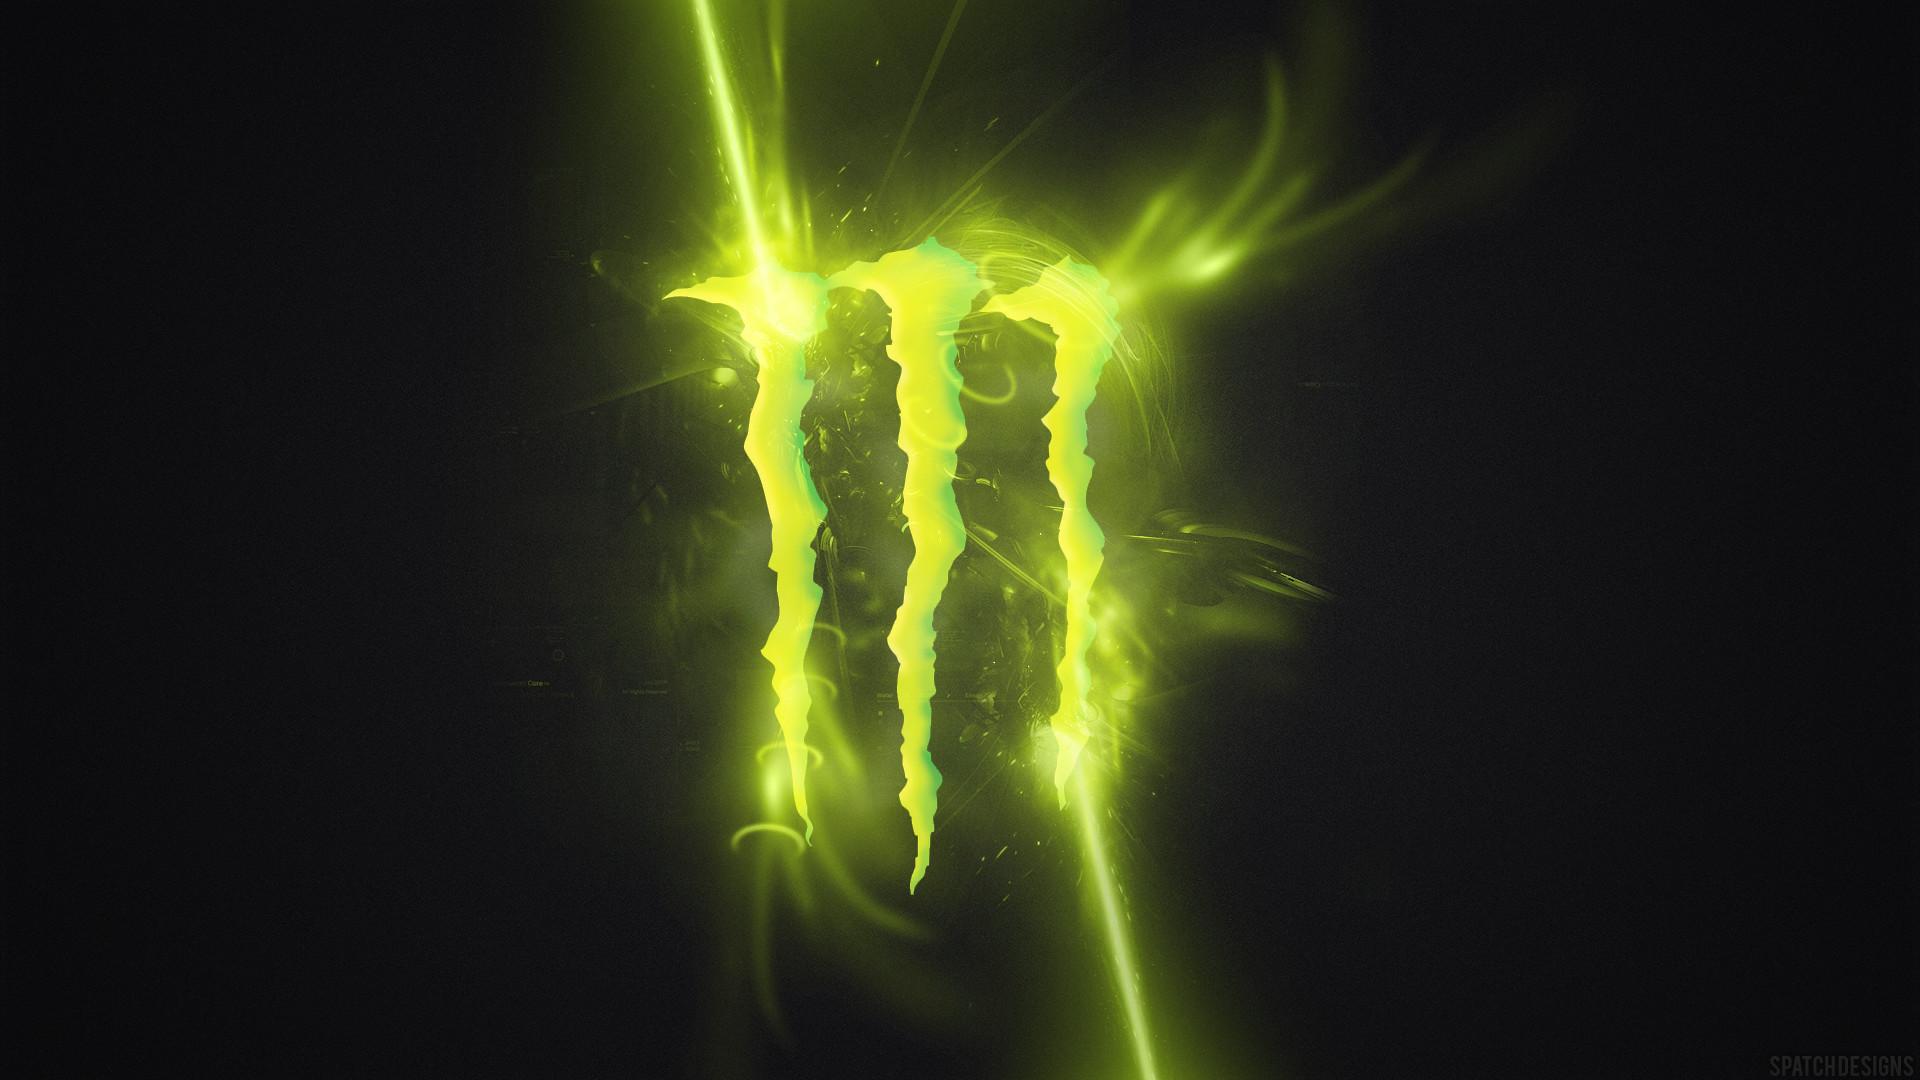 Monster energy drink logo wallpaper 66 images monster energy wallpaper monster energy wallpaper brand drink energy logo voltagebd Images